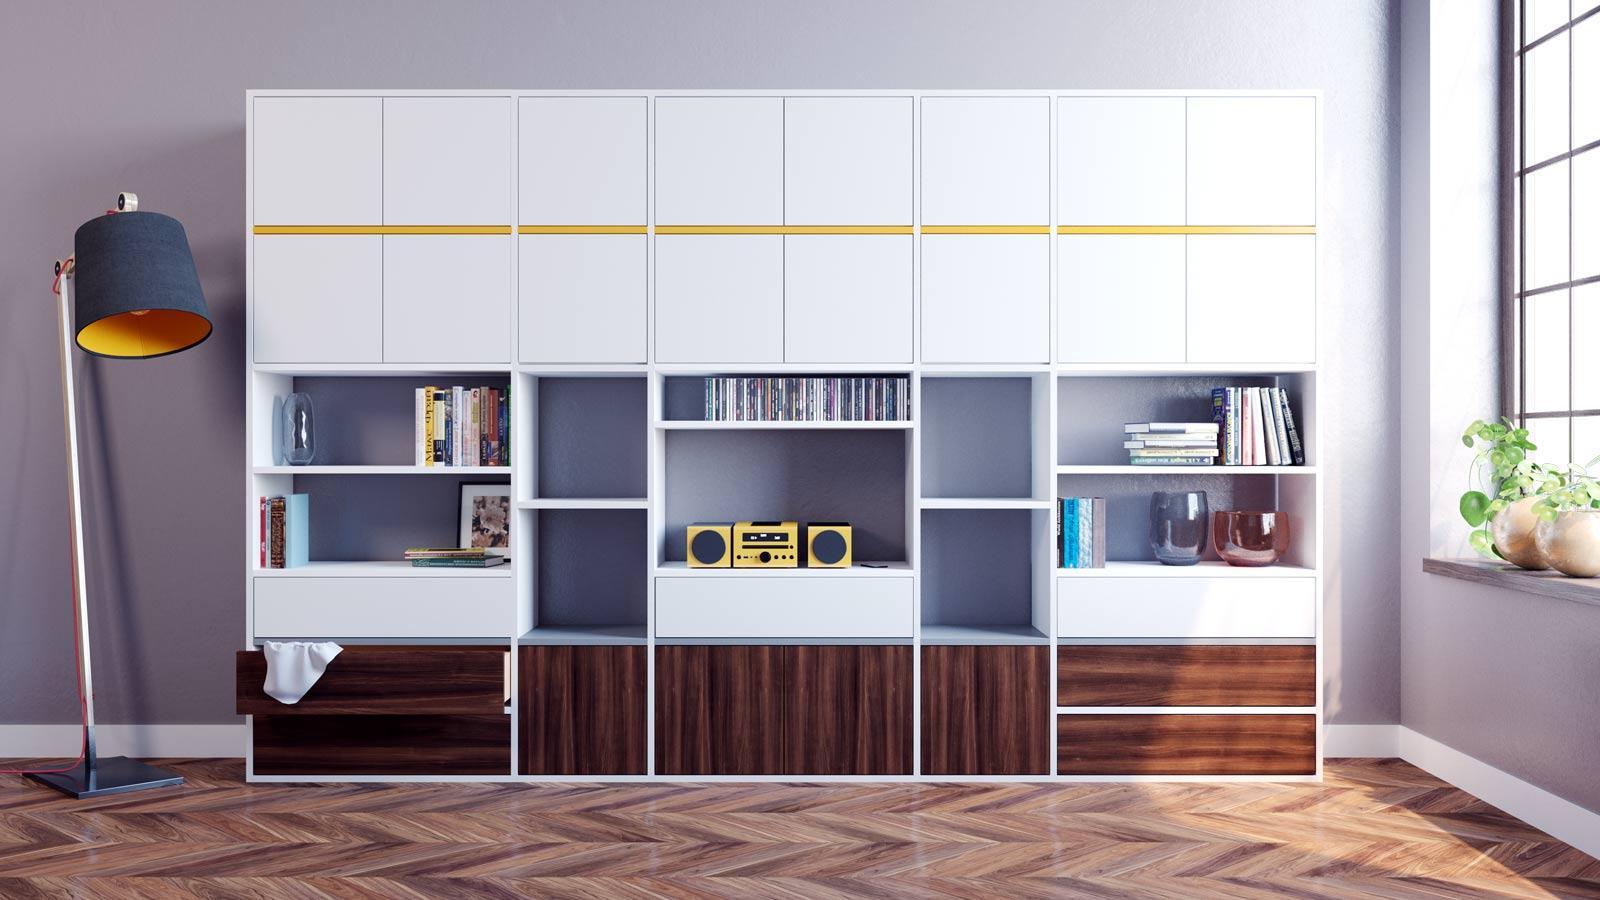 Wohnzimmerschrank • Bilder & Ideen • COUCH